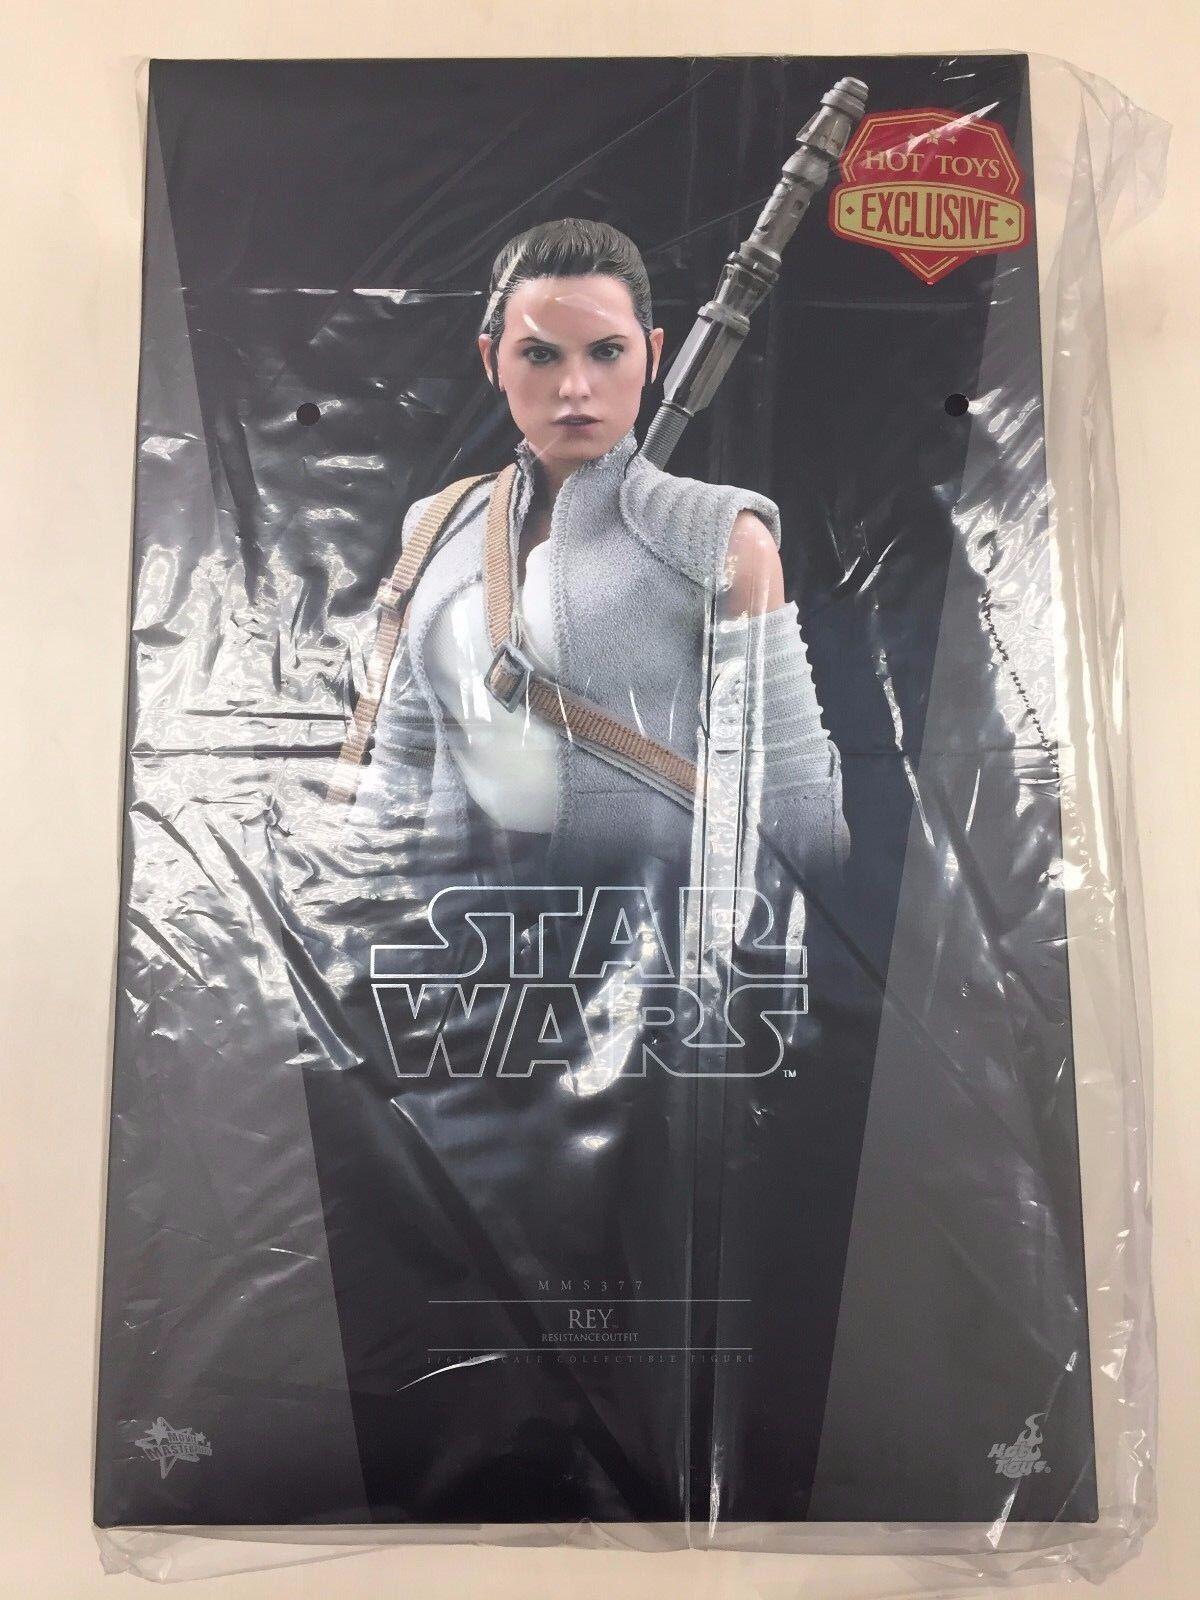 autentico en linea Hot Toys MMS 377 Star Wars Rey (resistencia Outfit) Outfit) Outfit) Daisy Ridley Figura Nueva  calidad de primera clase